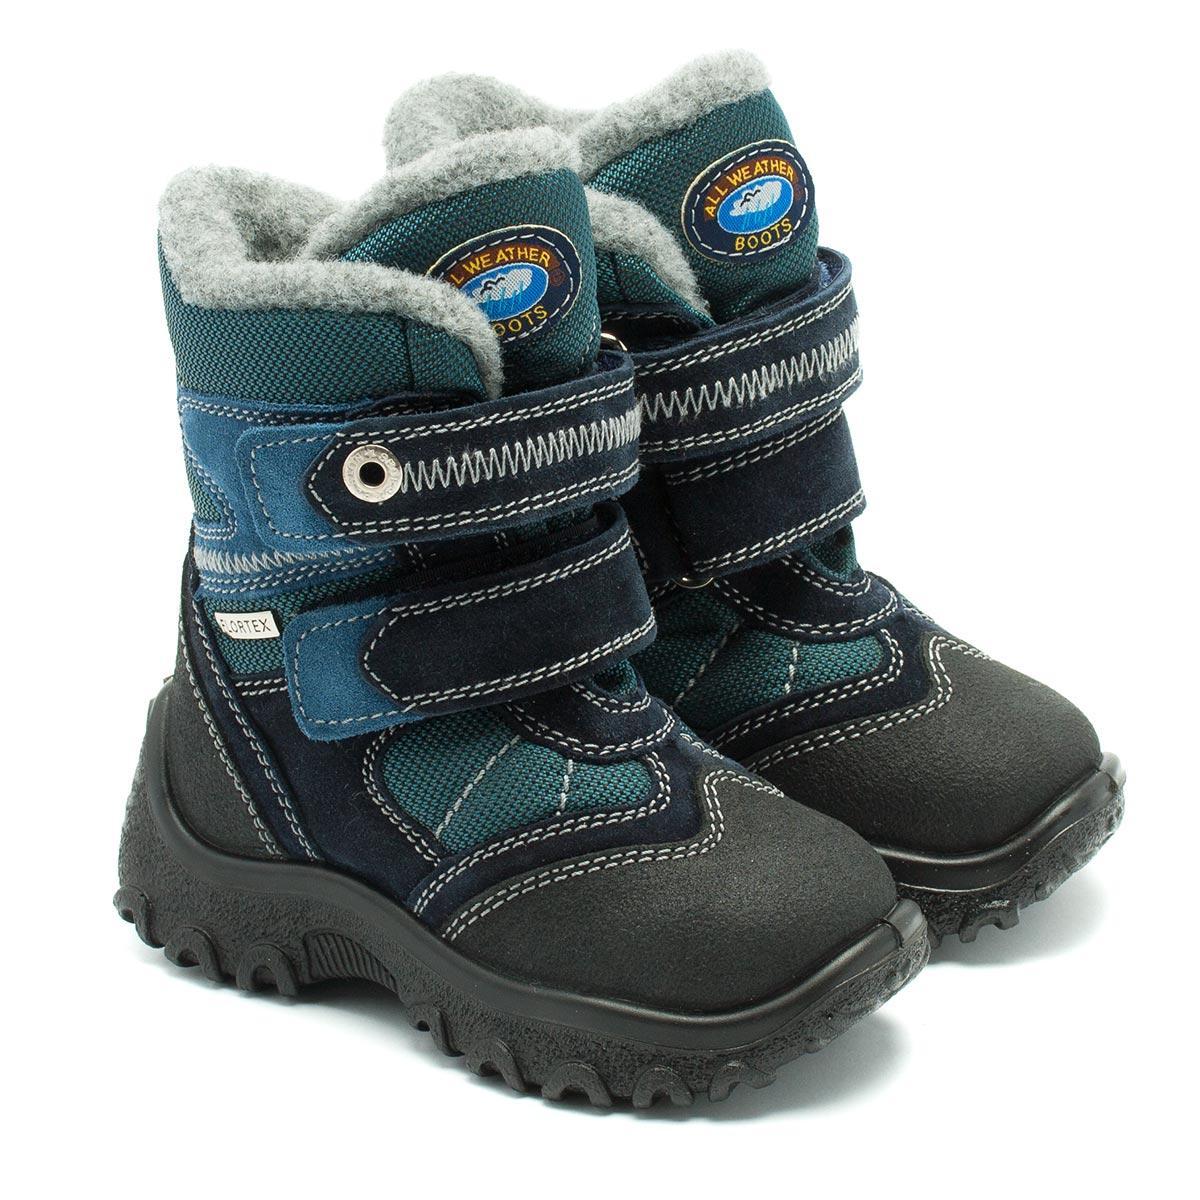 Зимние ботинки Kapika, мембранные, для мальчика, размер 24-29